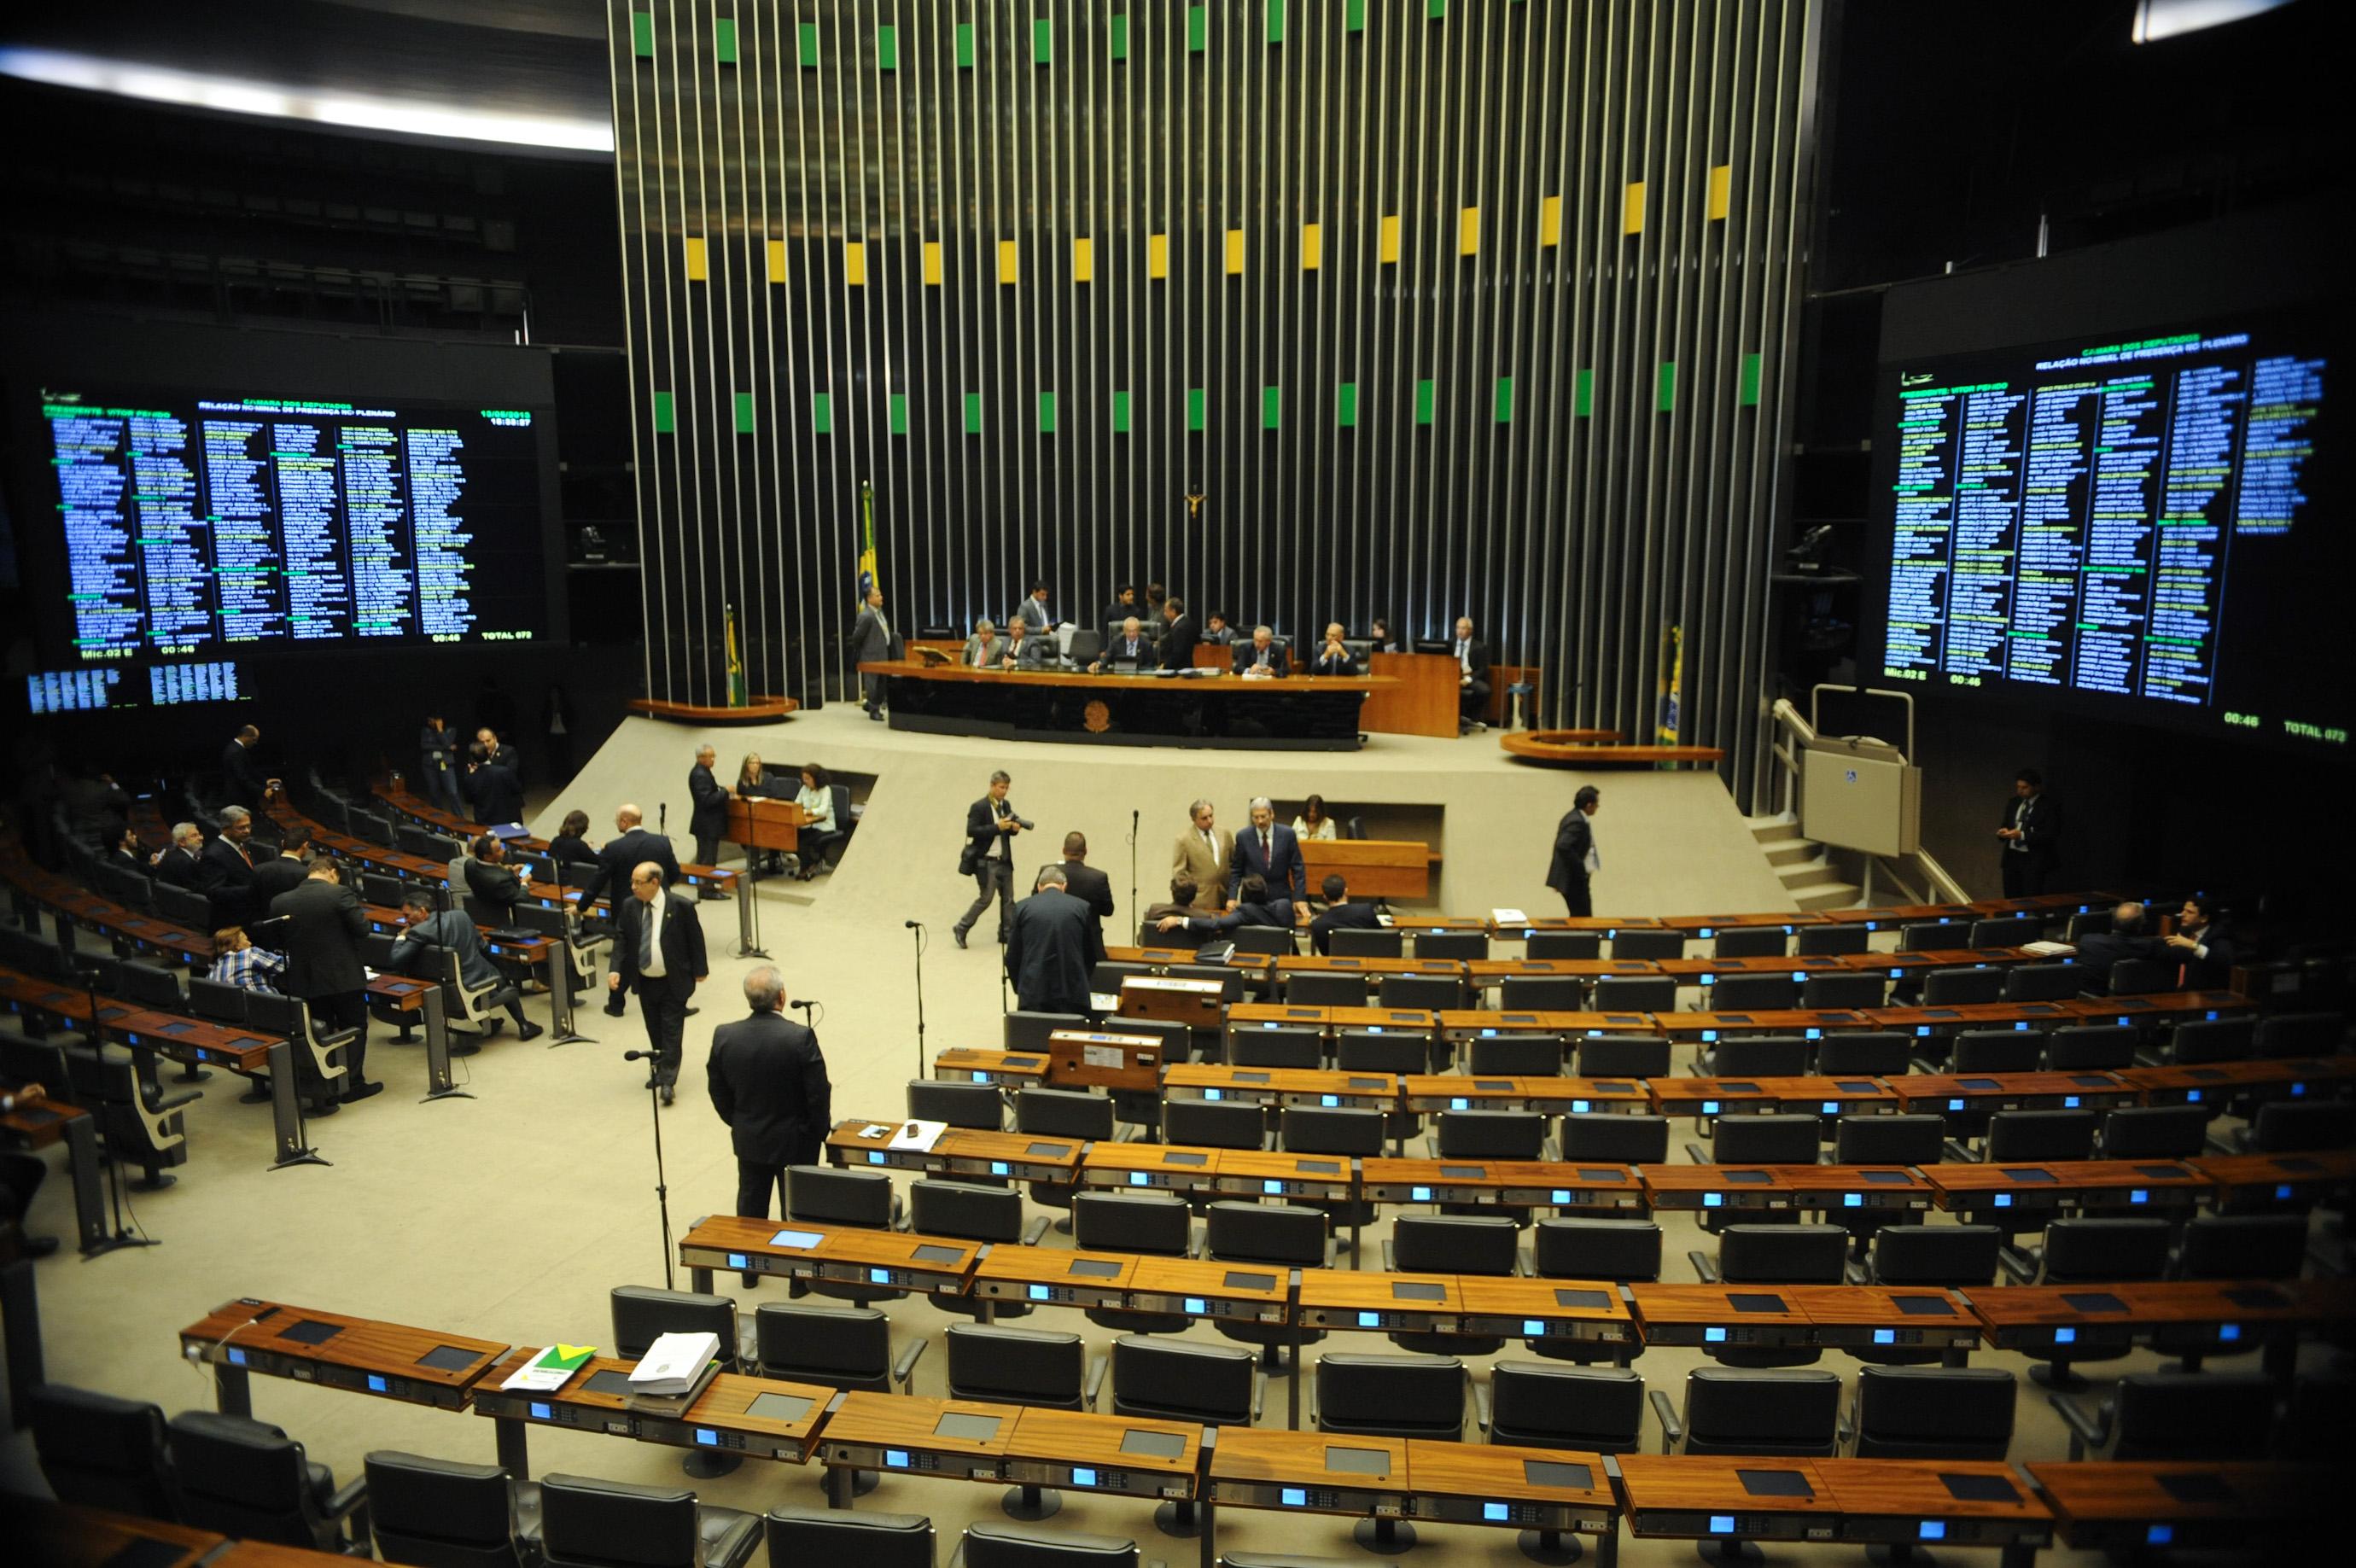 COMISSÃO DA MP 905 REALIZA ÚLTIMA AUDIÊNCIA; RELATOR APRESENTA PARECER NA QUARTA (19)